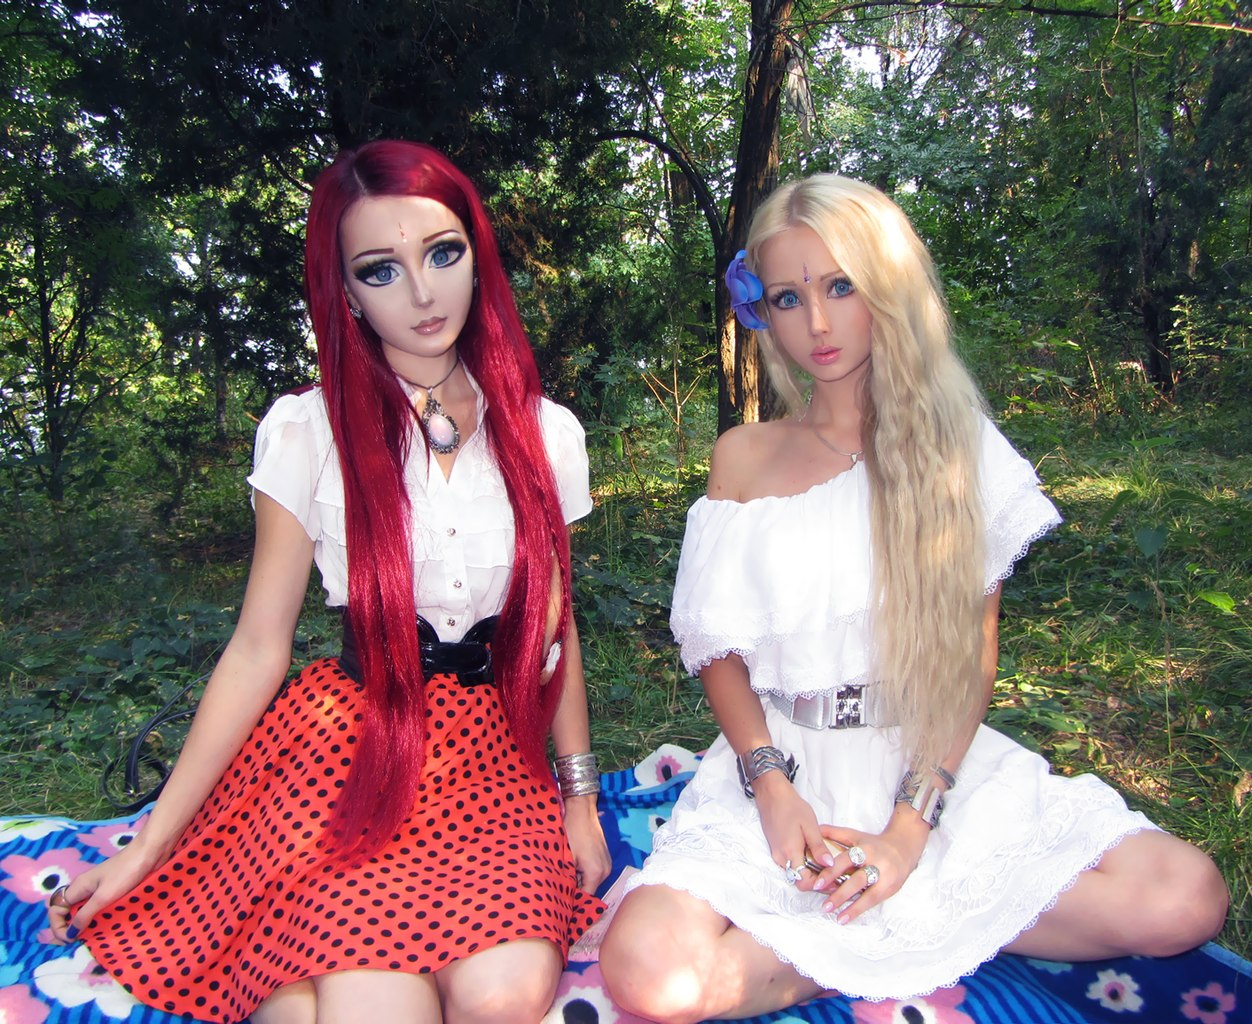 Фото голых девочек на пикниках 21 фотография